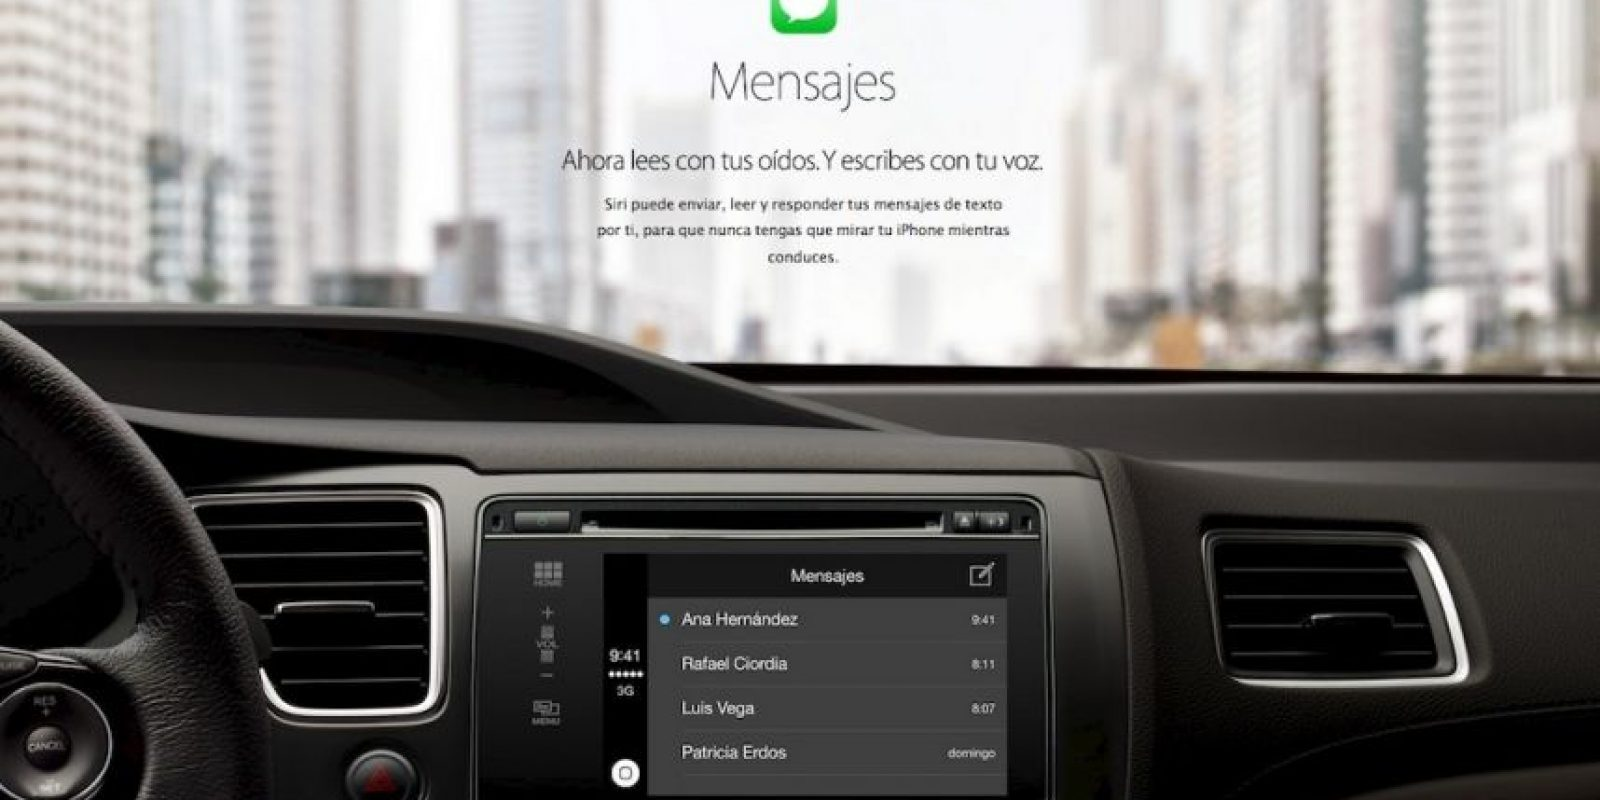 Mandar mensajes es sencillo con el reconocimiento de voz con Siri. Foto:Apple